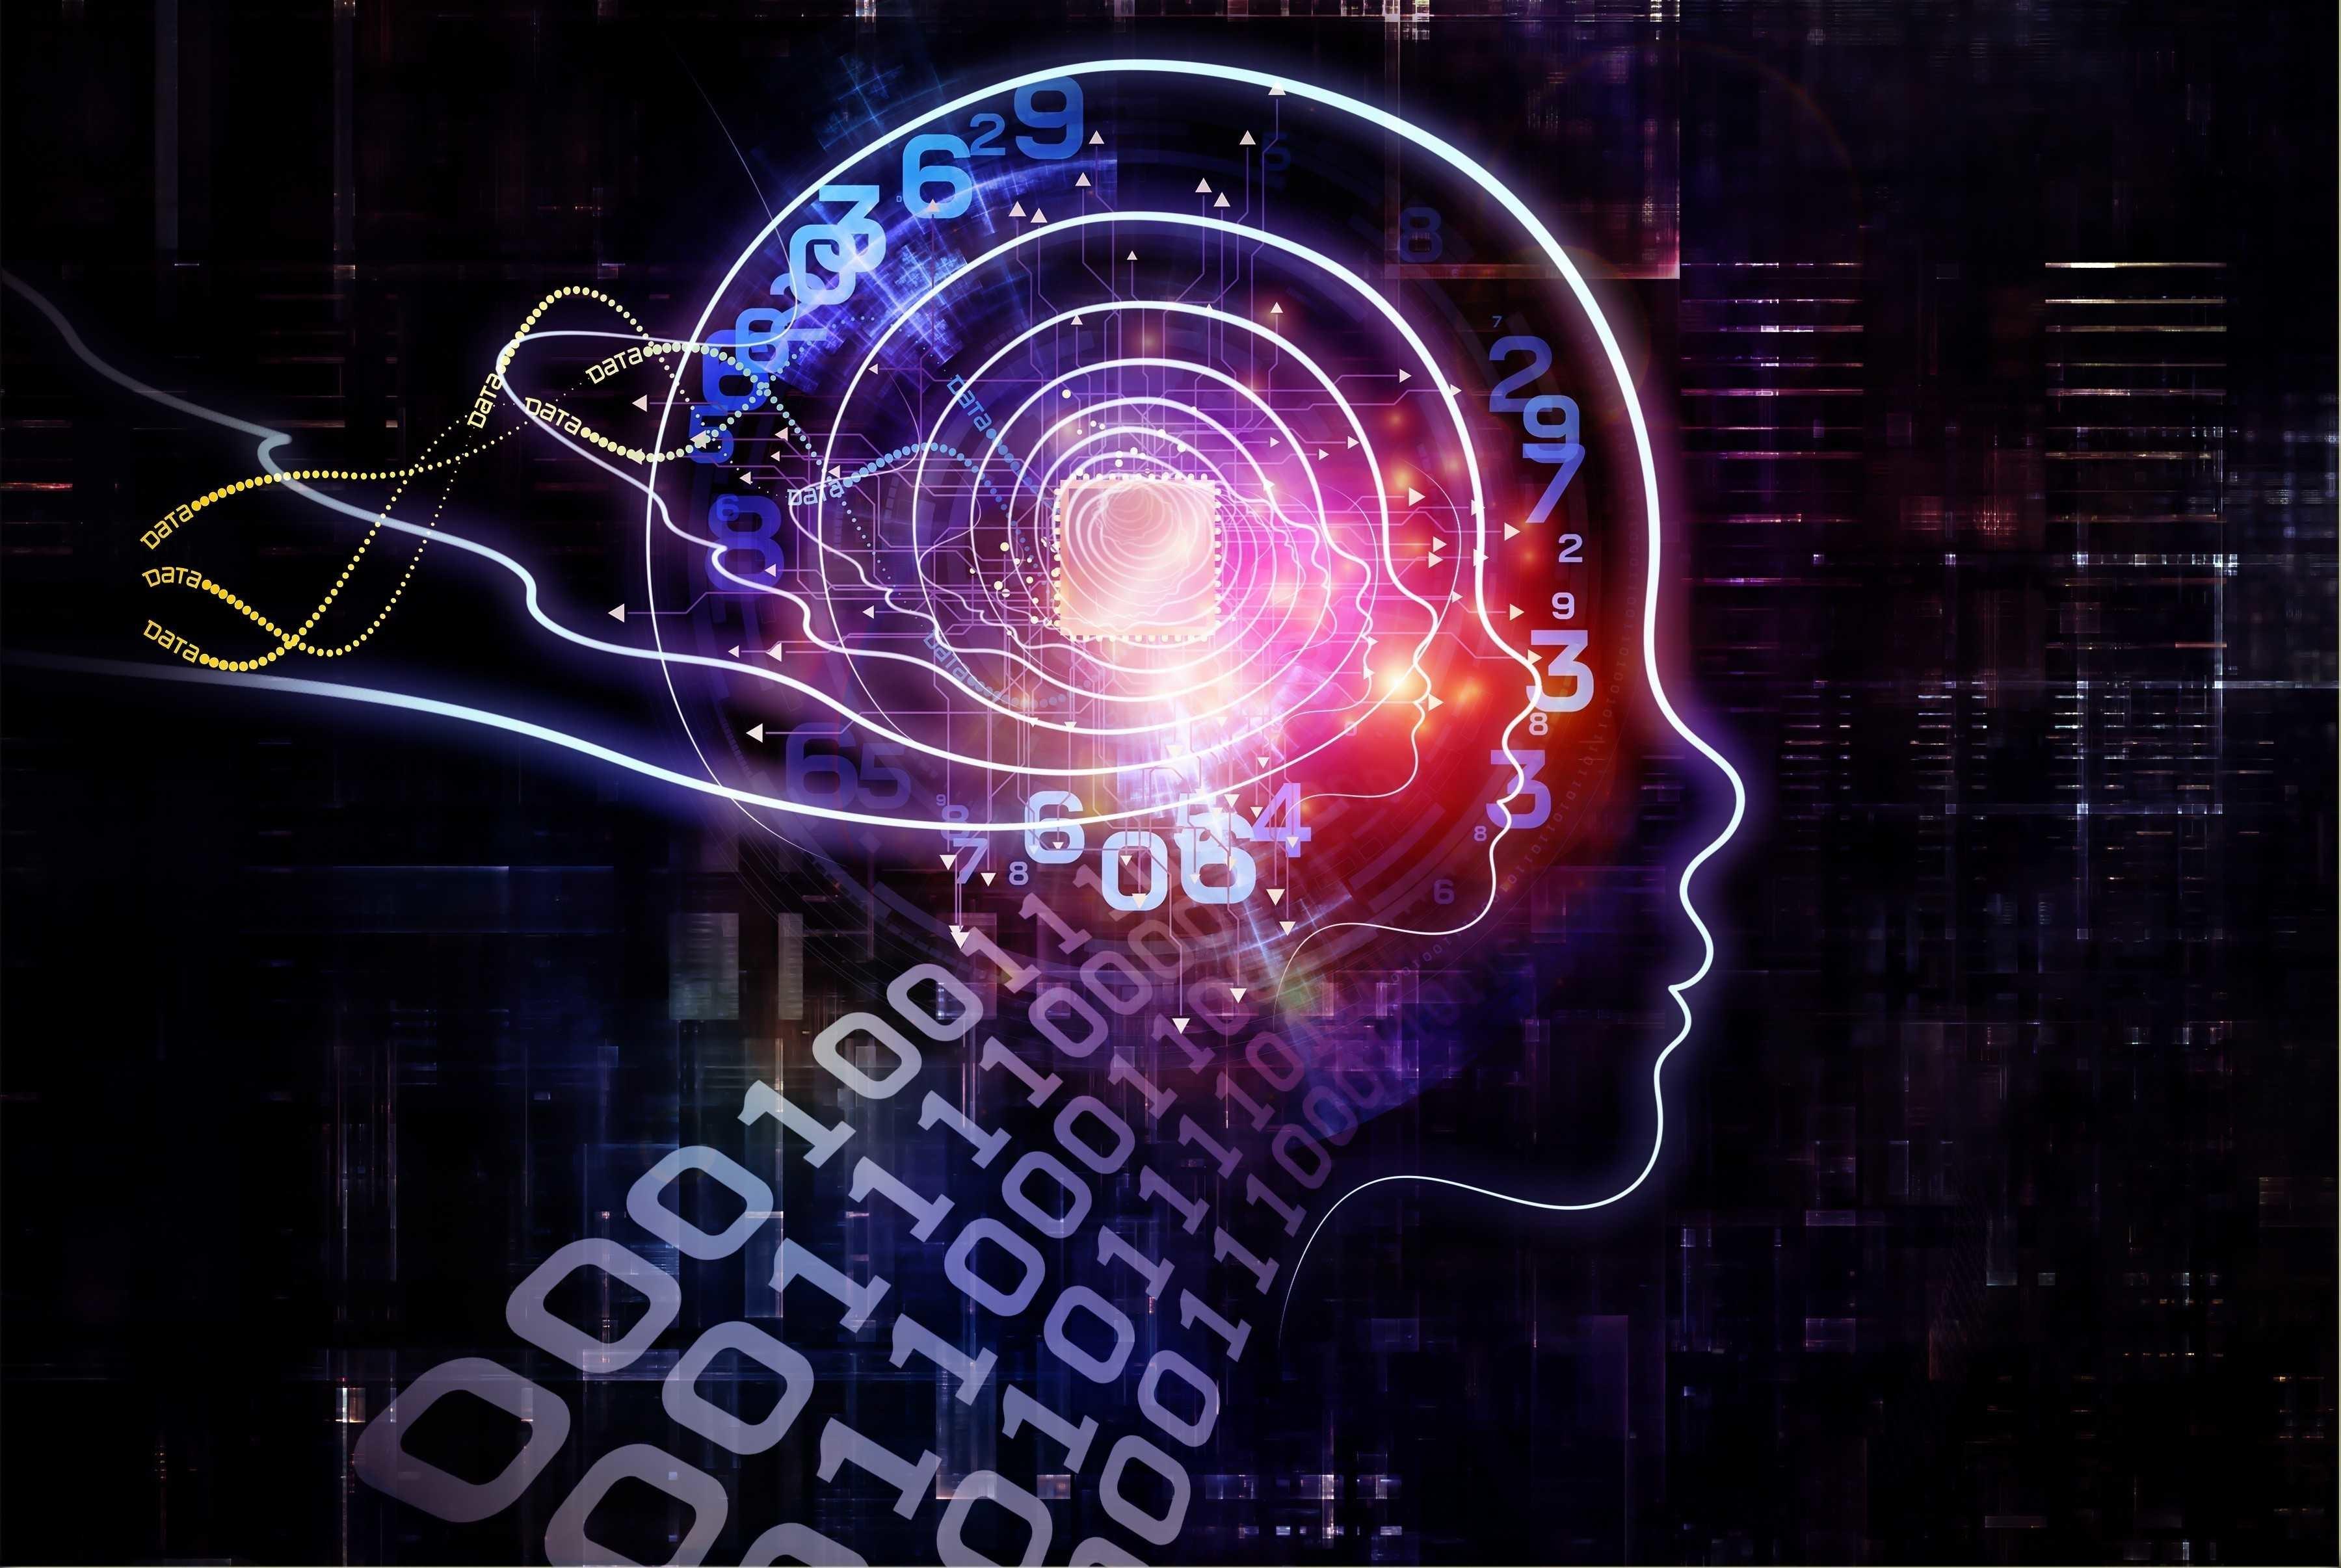 圆桌论坛:人工智能、物联网等新技术下3C行业的未来